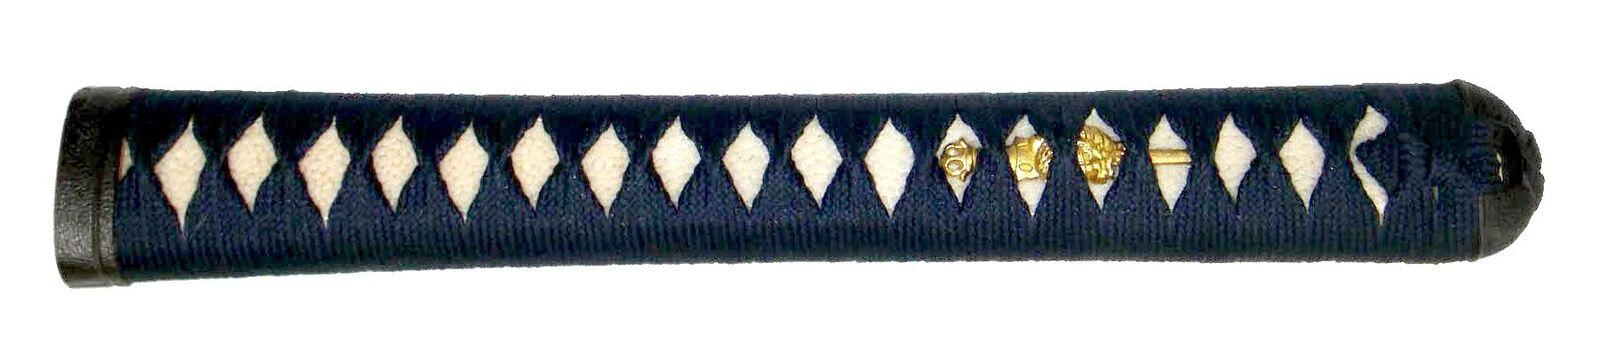 Navy Blue Ito Wrap